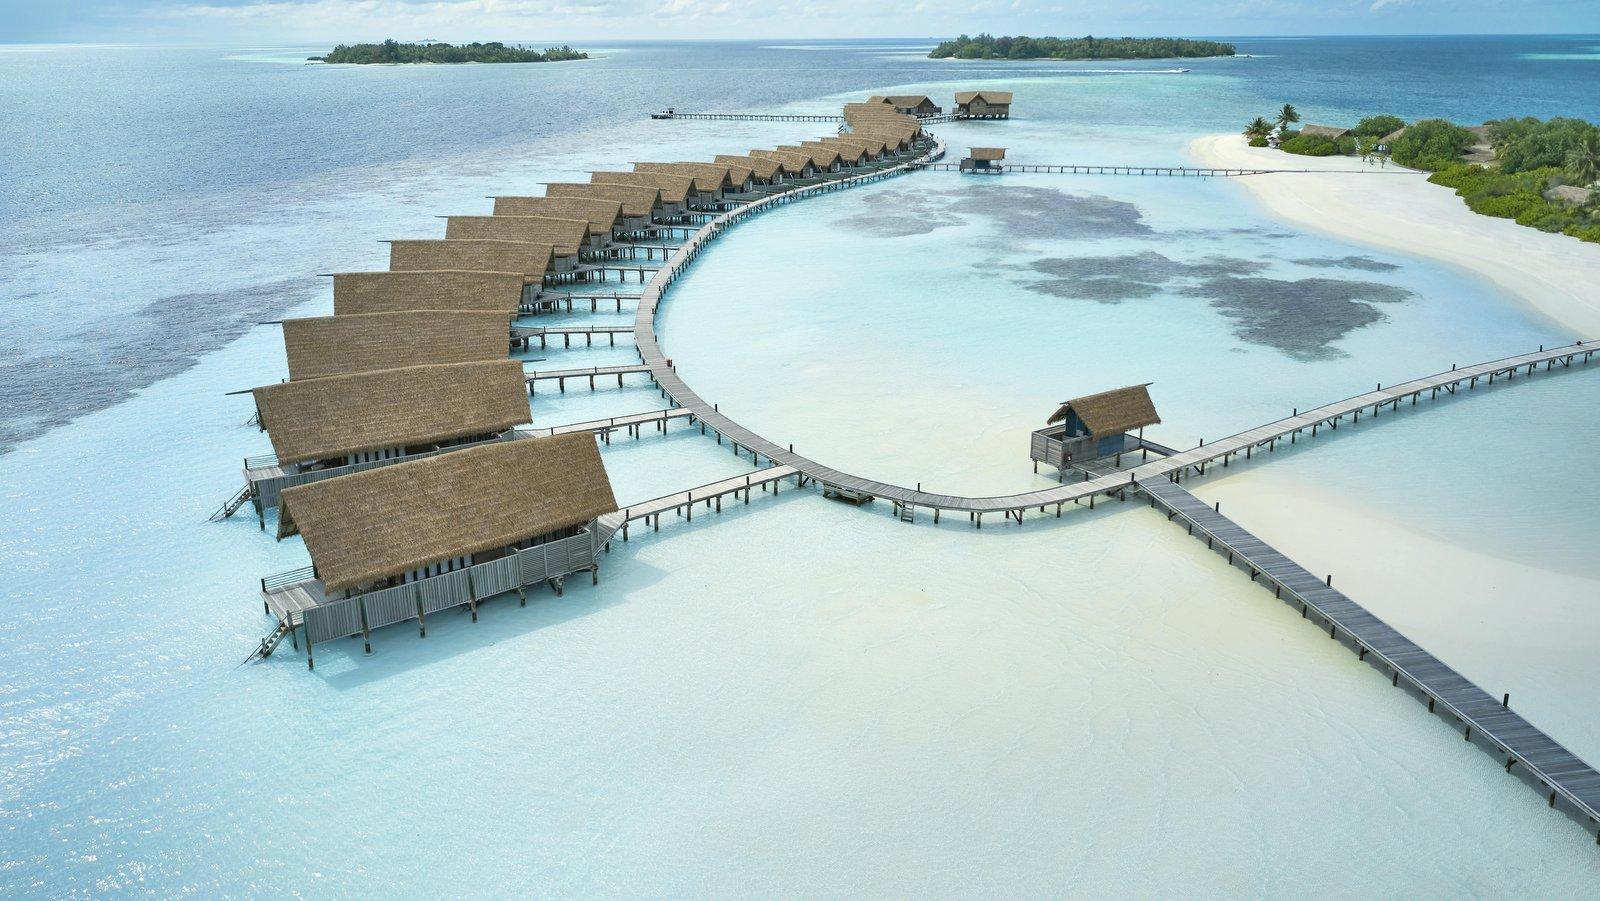 Мальдивы, отель COMO Cocoa Island, водные виллы